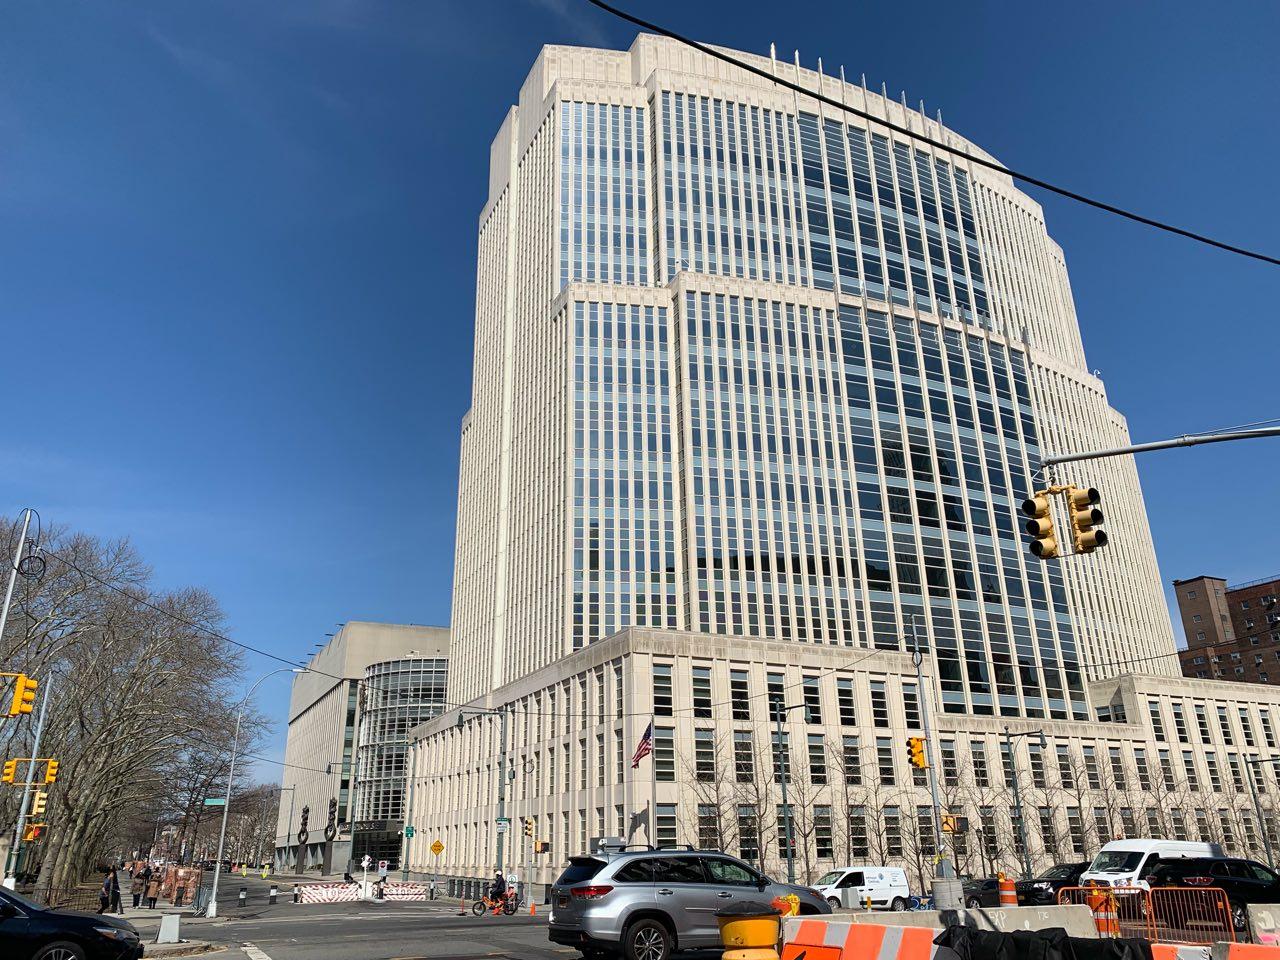 紐約東區聯邦檢察官提出一項動議案,要求取消華為公司辯護律師的資格。圖為布魯克林的紐約東區聯邦法院。(蔡溶/大紀元)